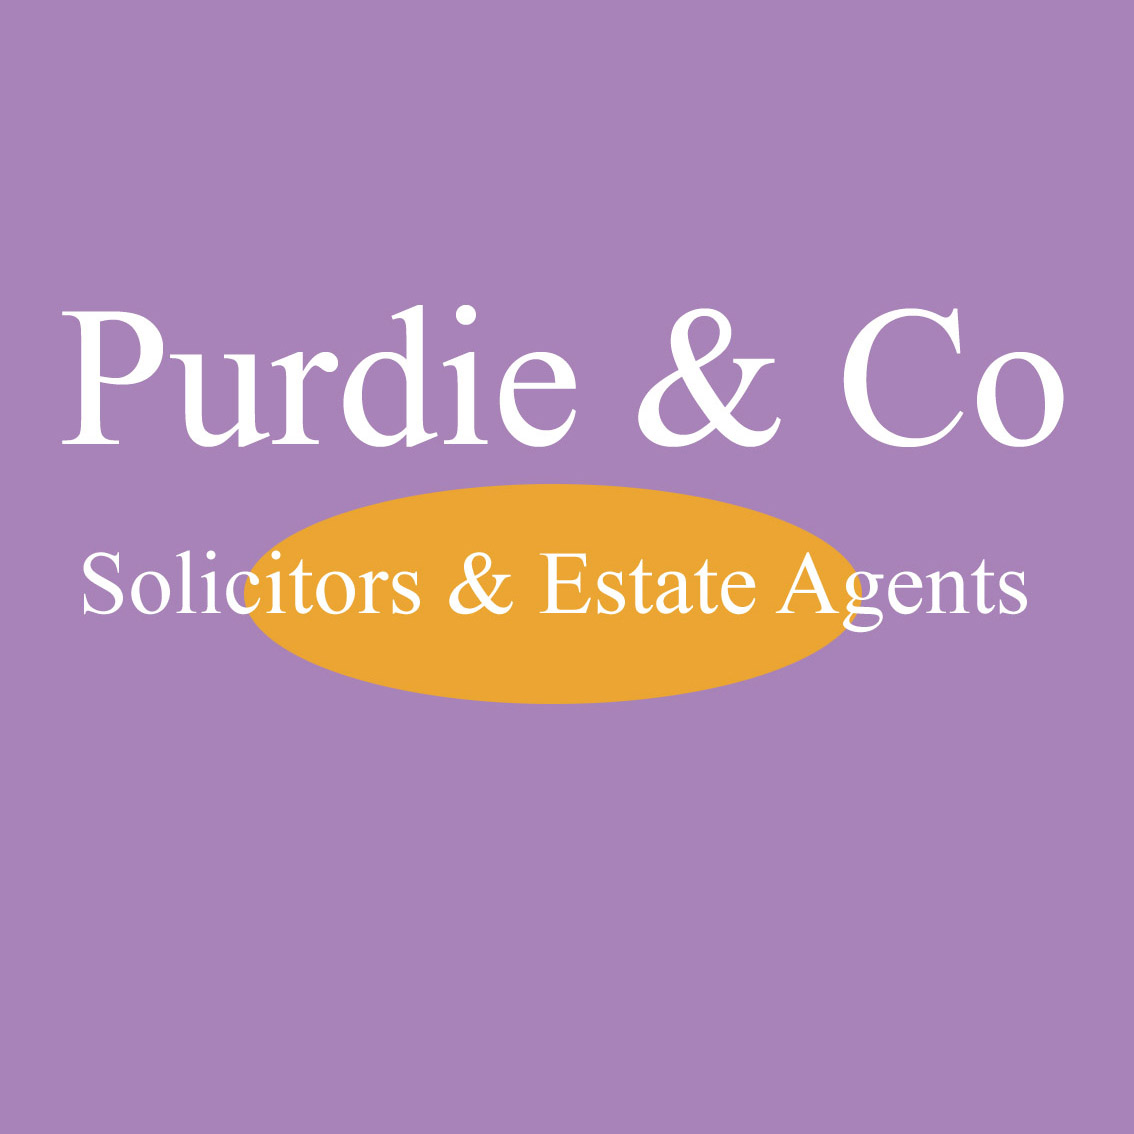 Purdie & Co